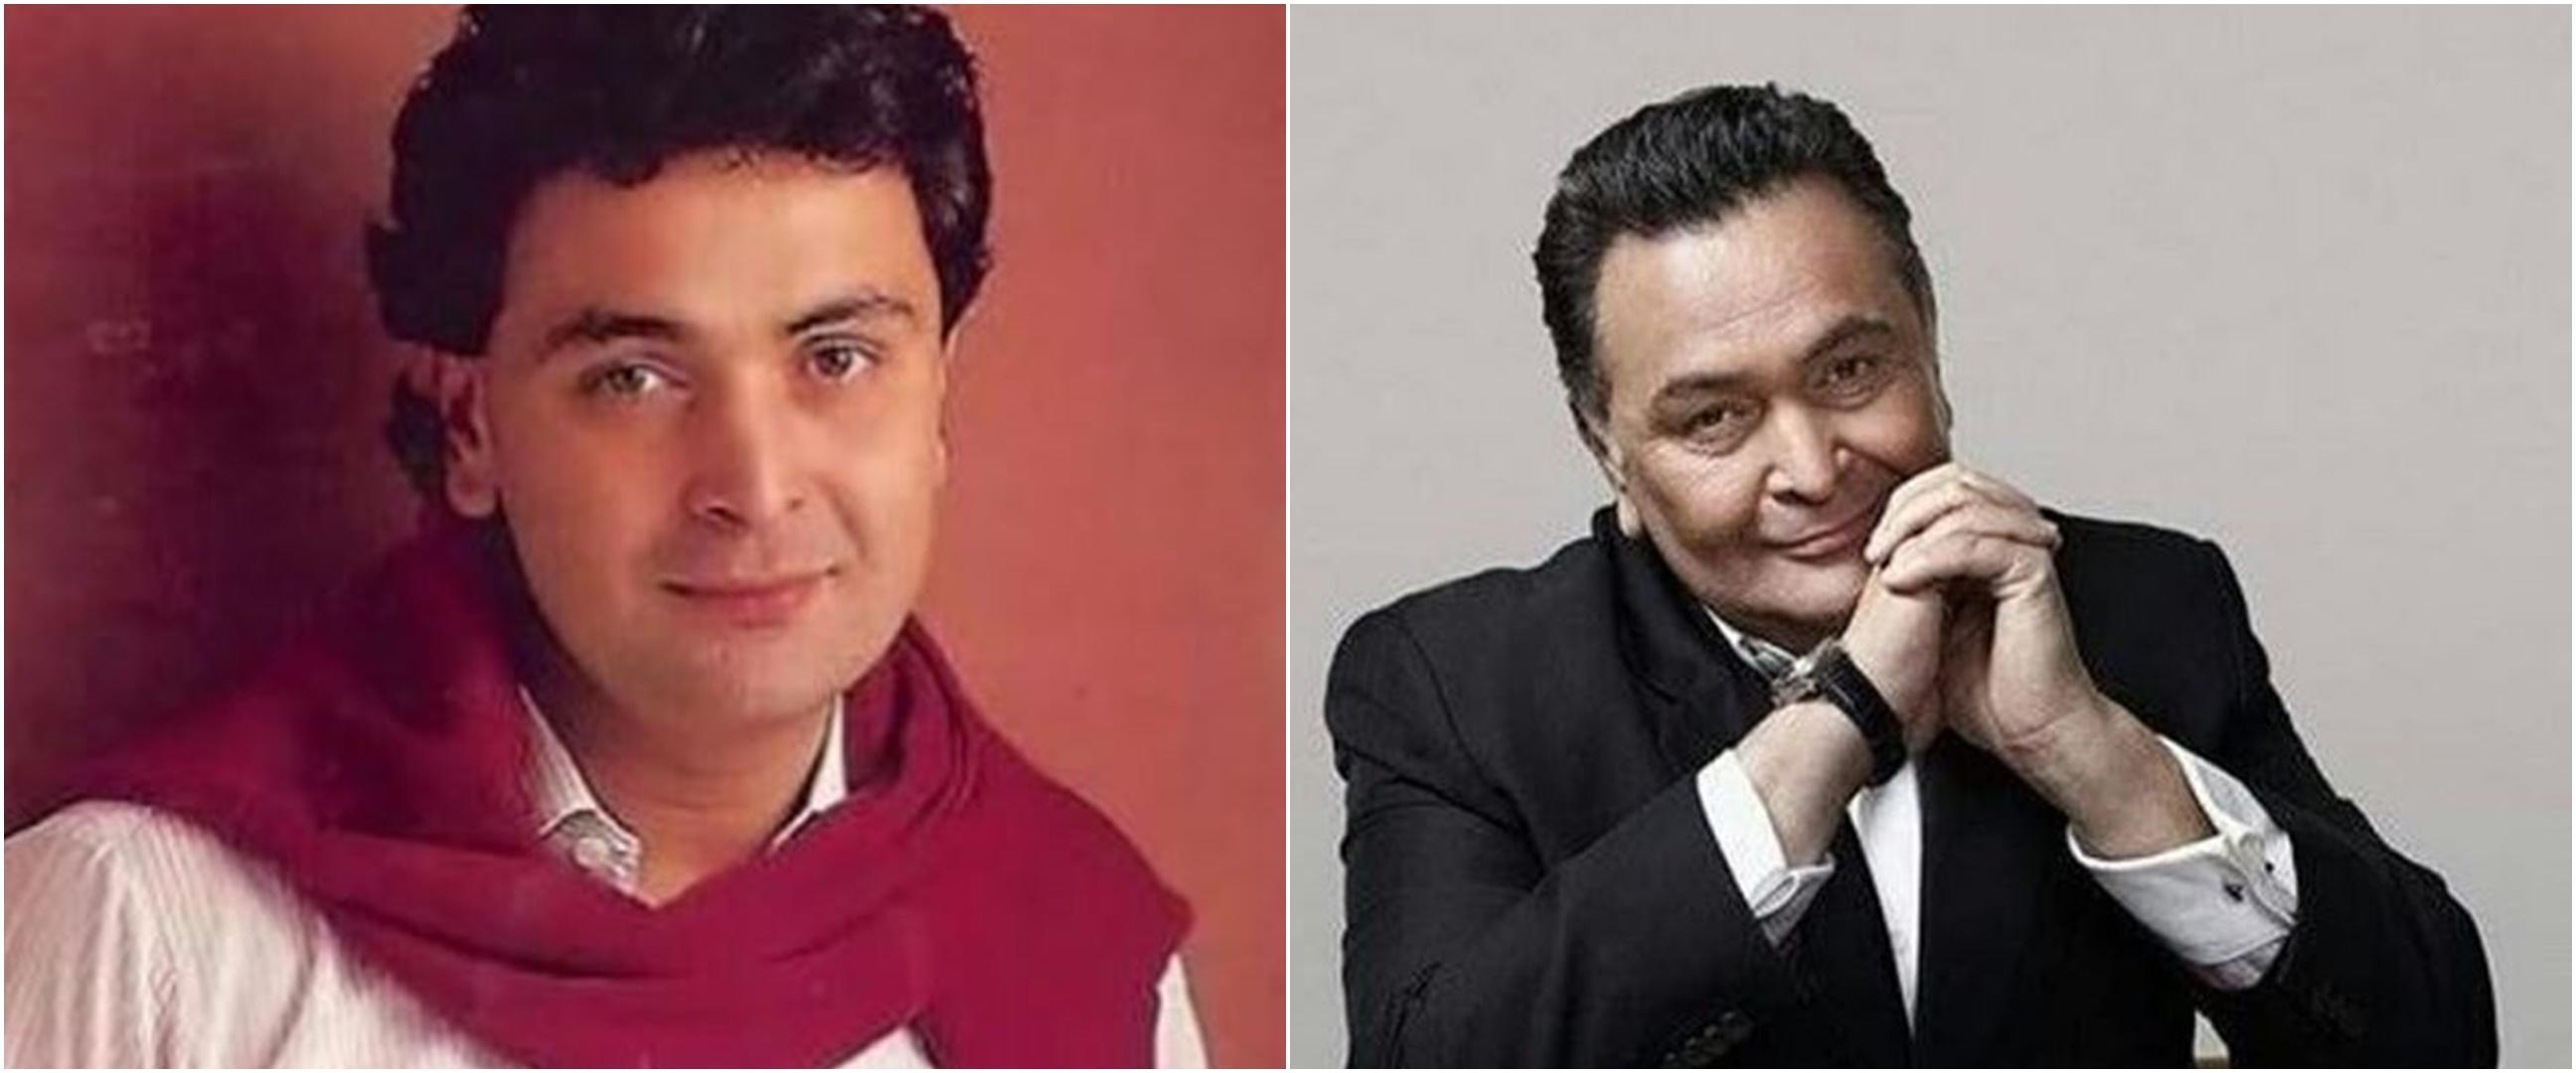 Aktor Bollywood Rishi Kapoor meninggal selang sehari Irrfan Khan